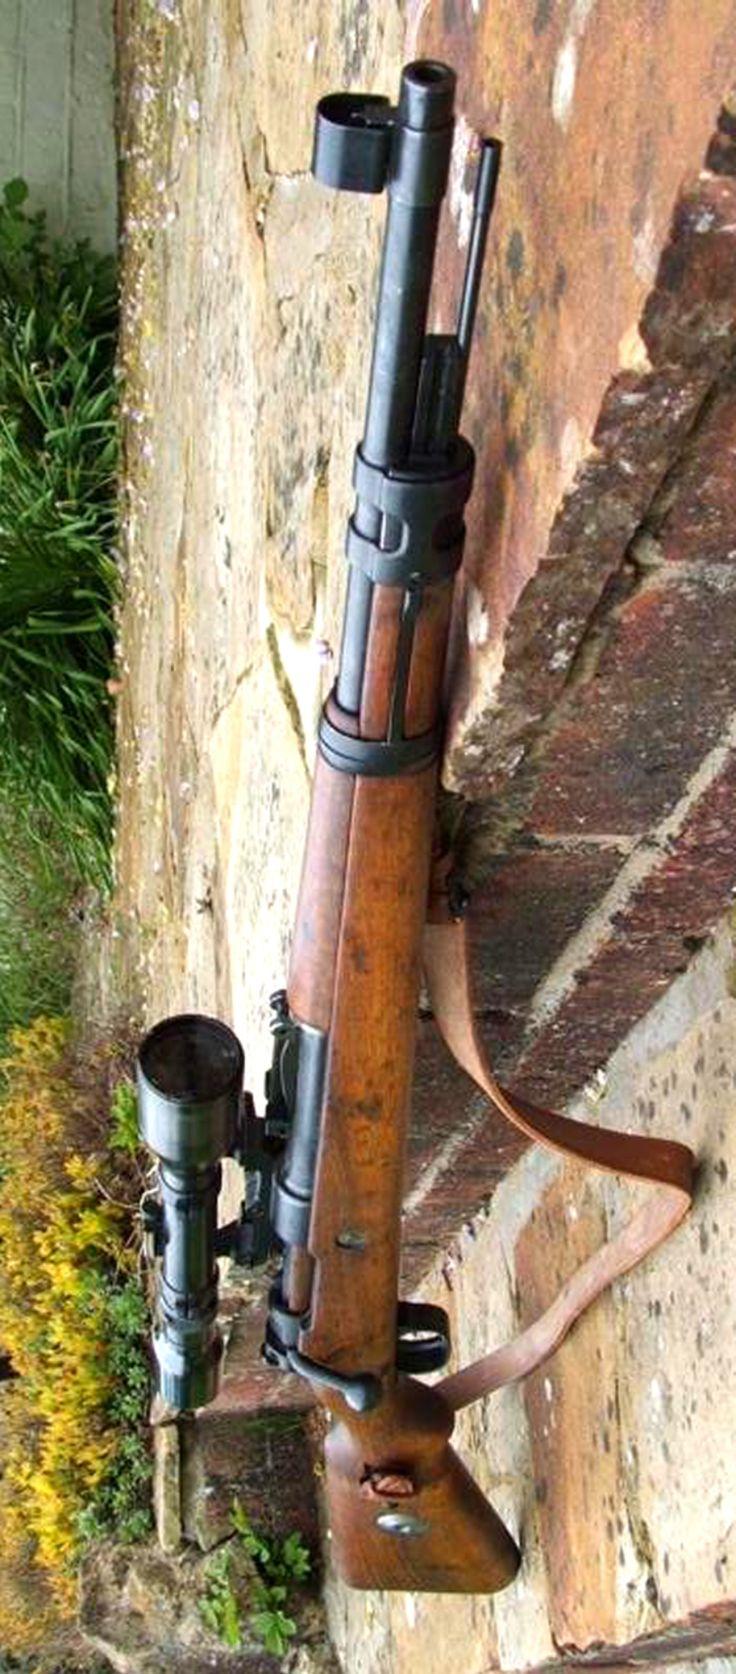 Mauser Karabiner 98k ( Kar98k/K98k )